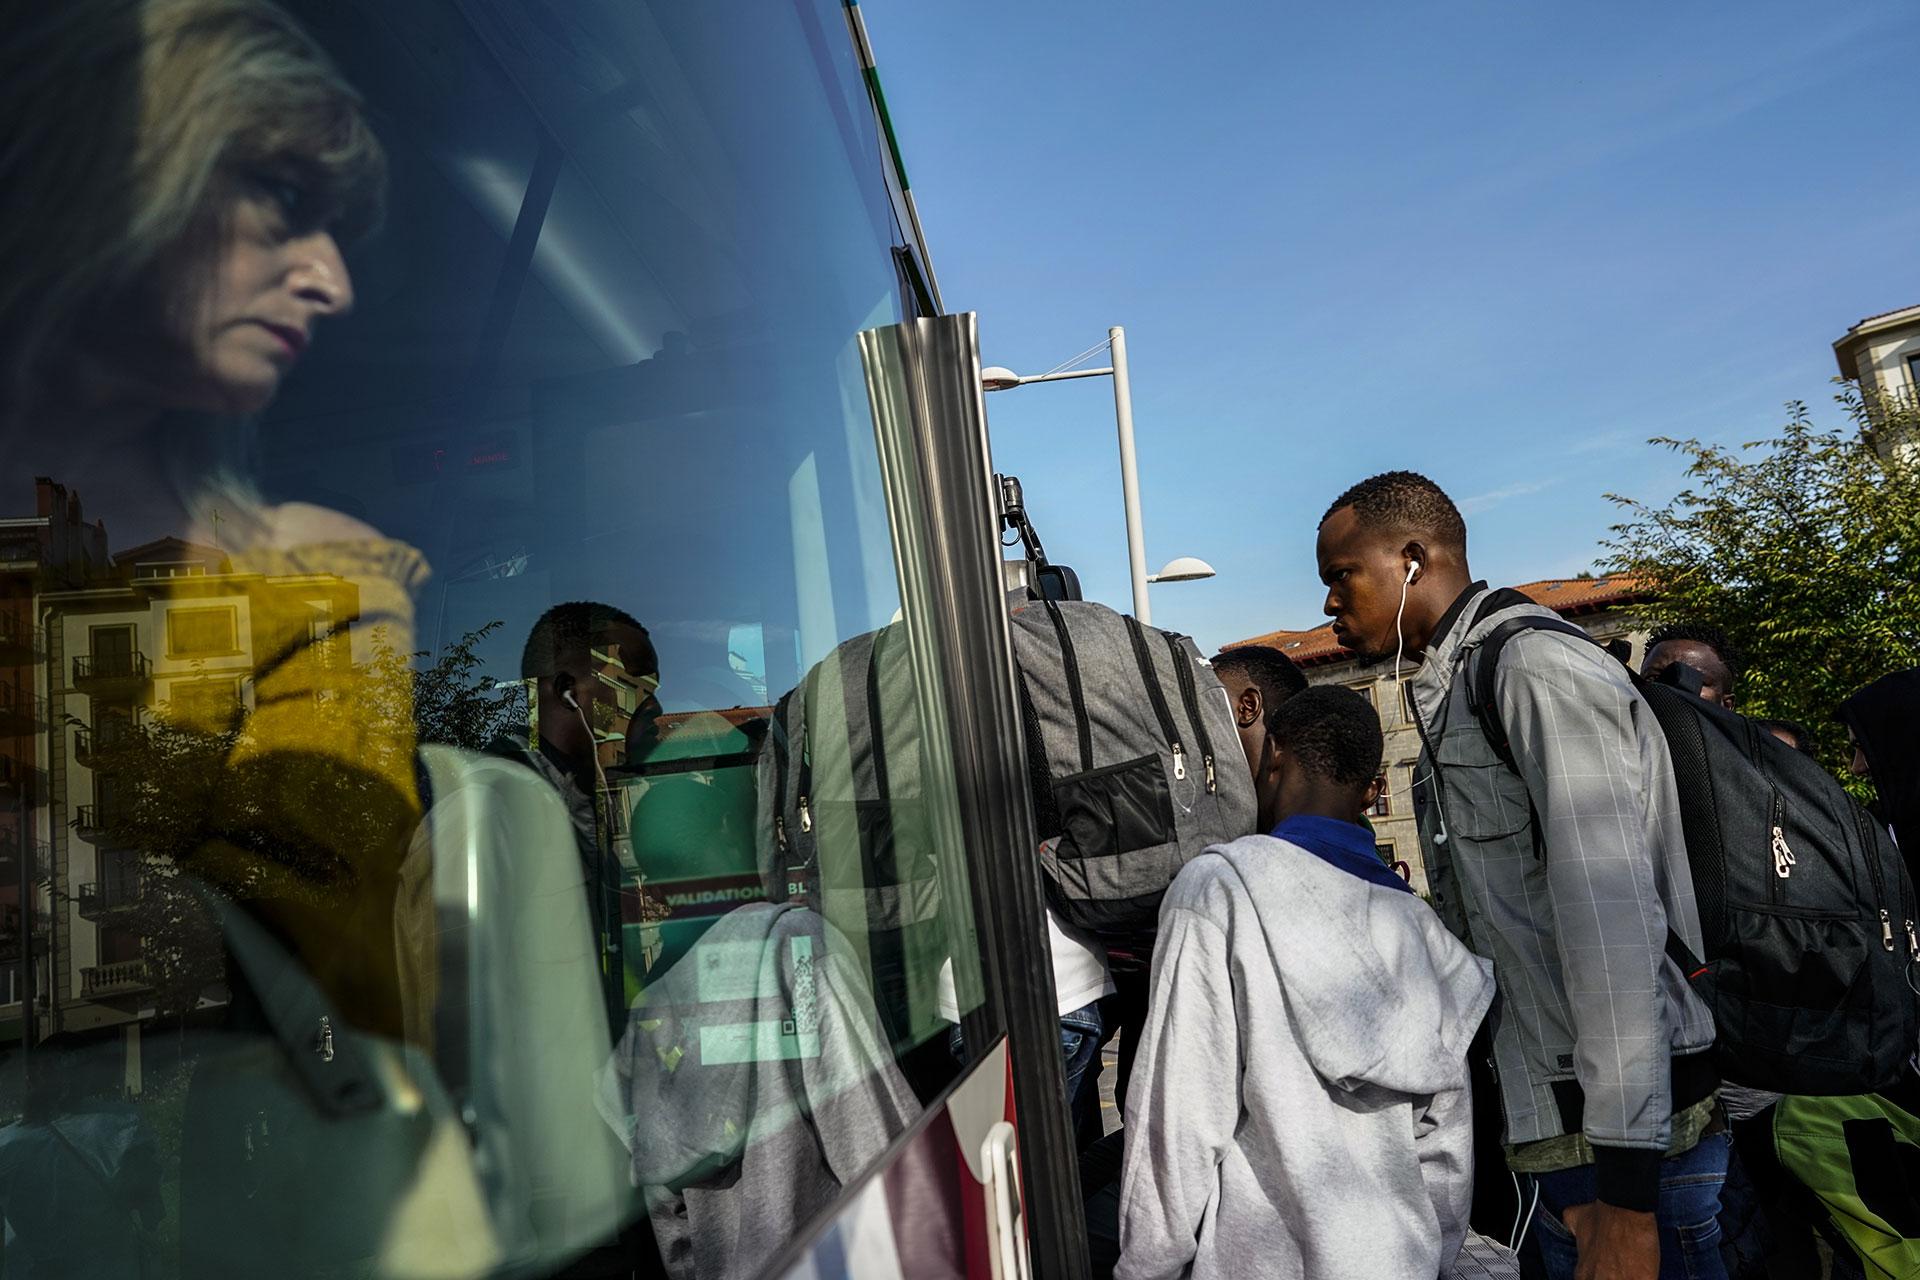 Un grupo de jóvenes suben a un autobús en Irún para intentar cruzar la frontera y llegar a Francia, 14 de Septiembre de 2019.